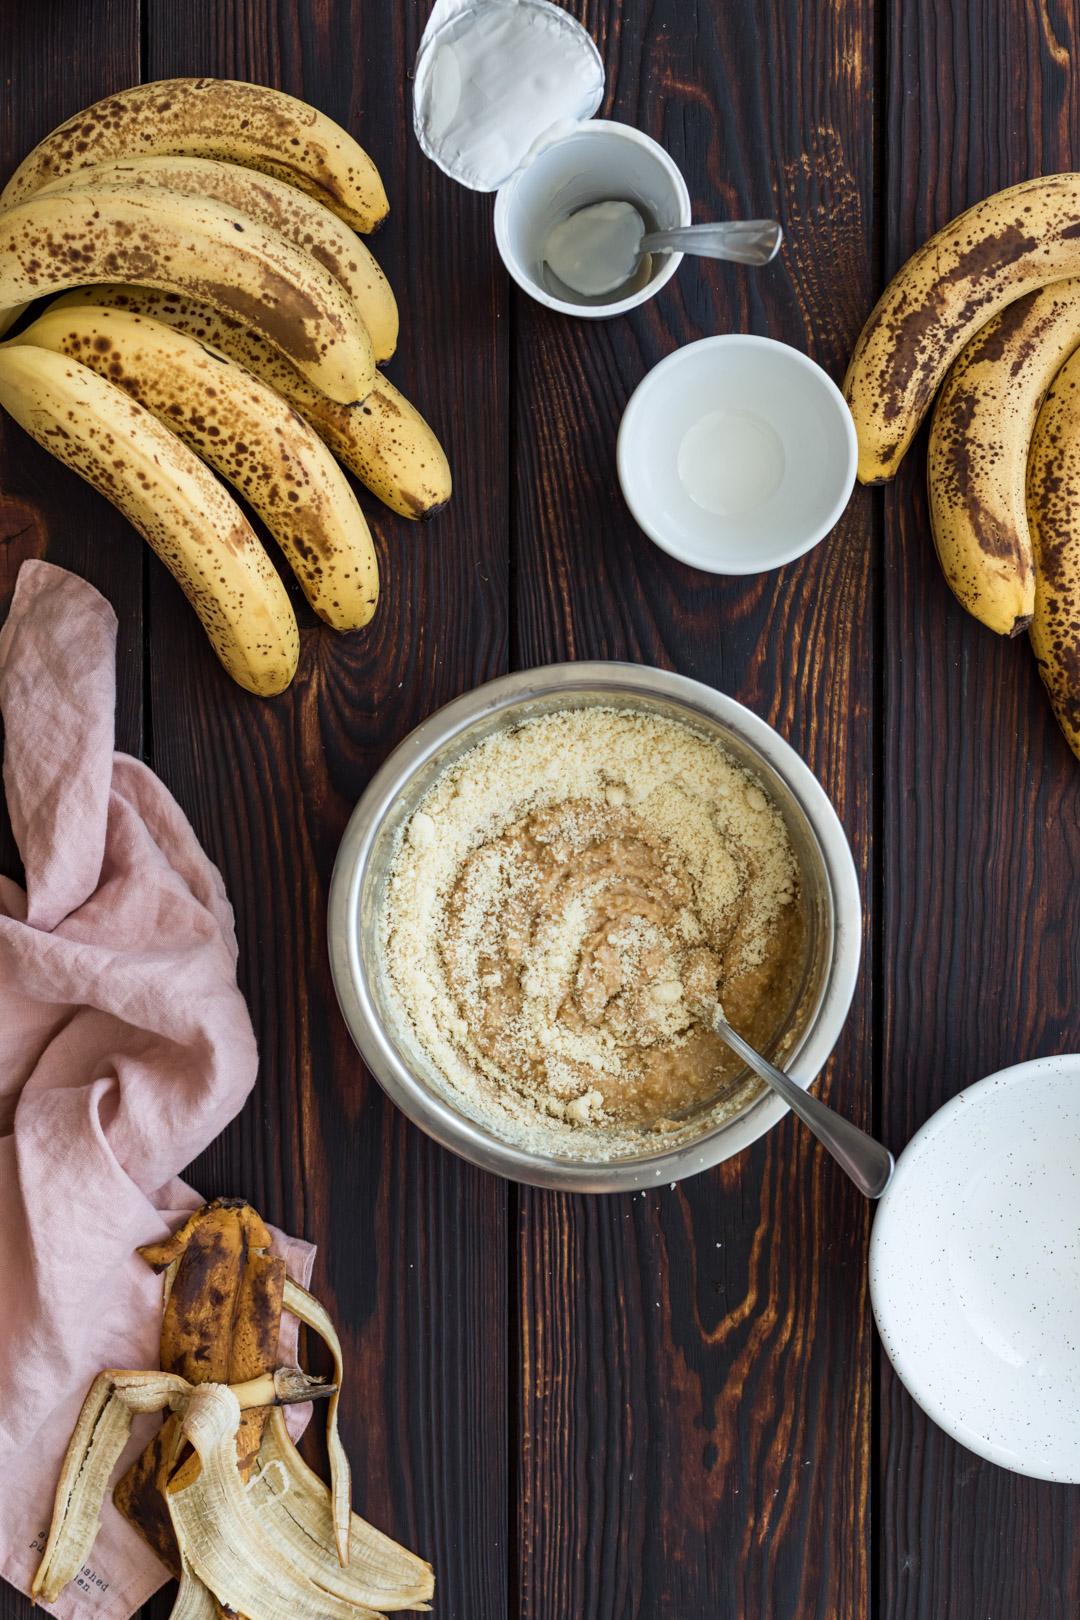 Gluten-free Banana Frangipane Tart